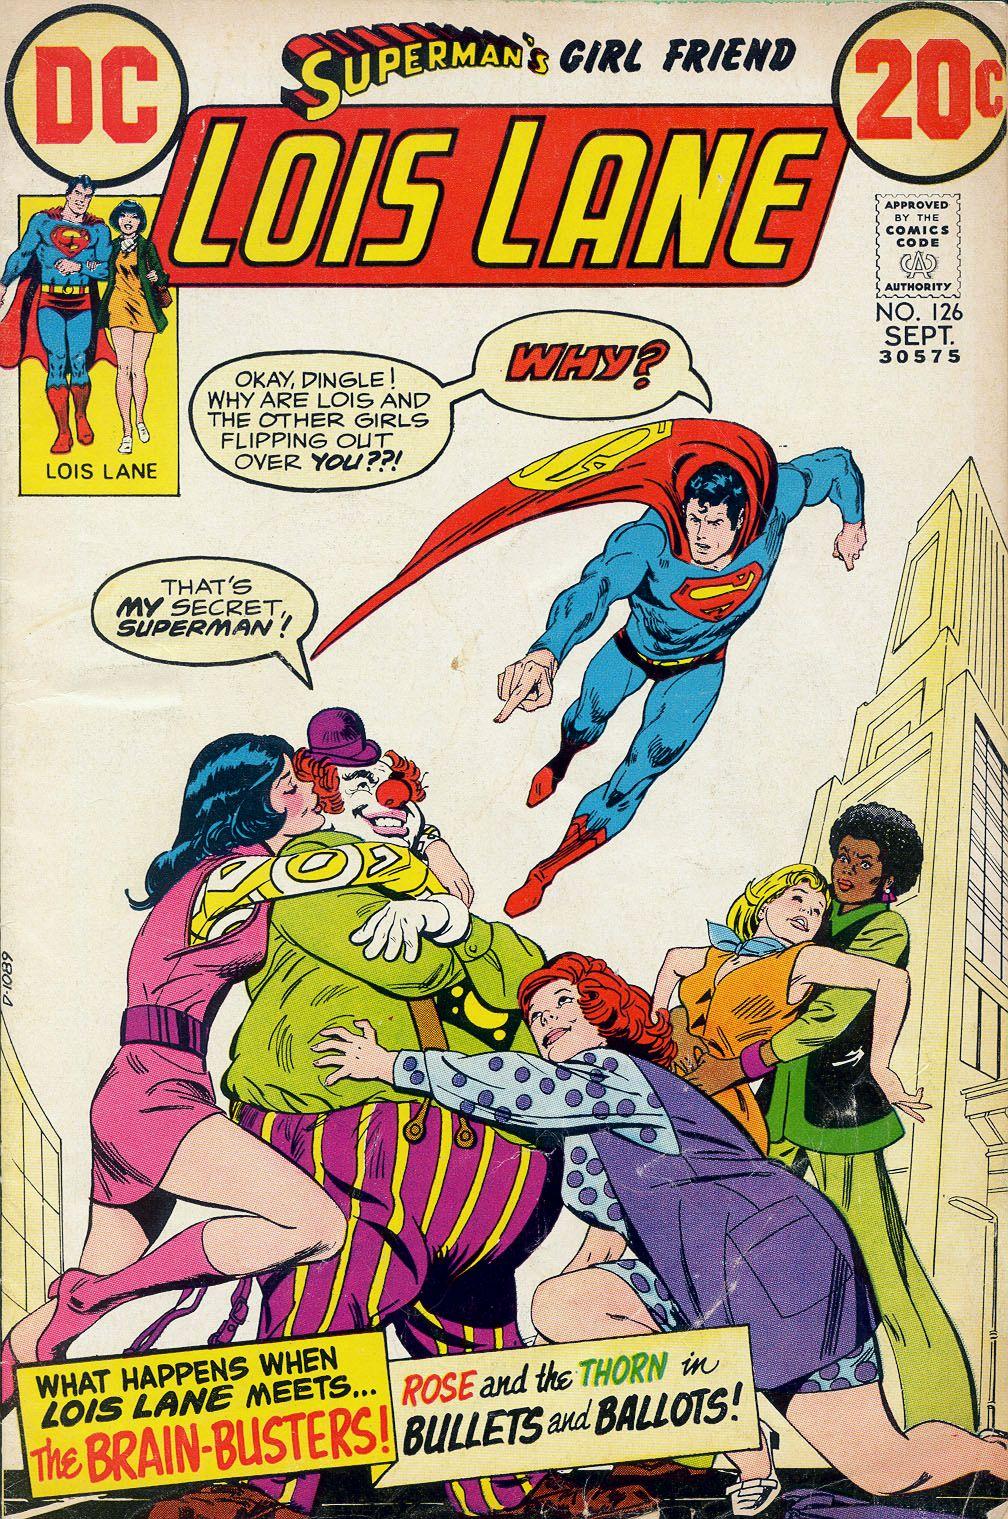 Supermans Girl Friend, Lois Lane 126 Page 1